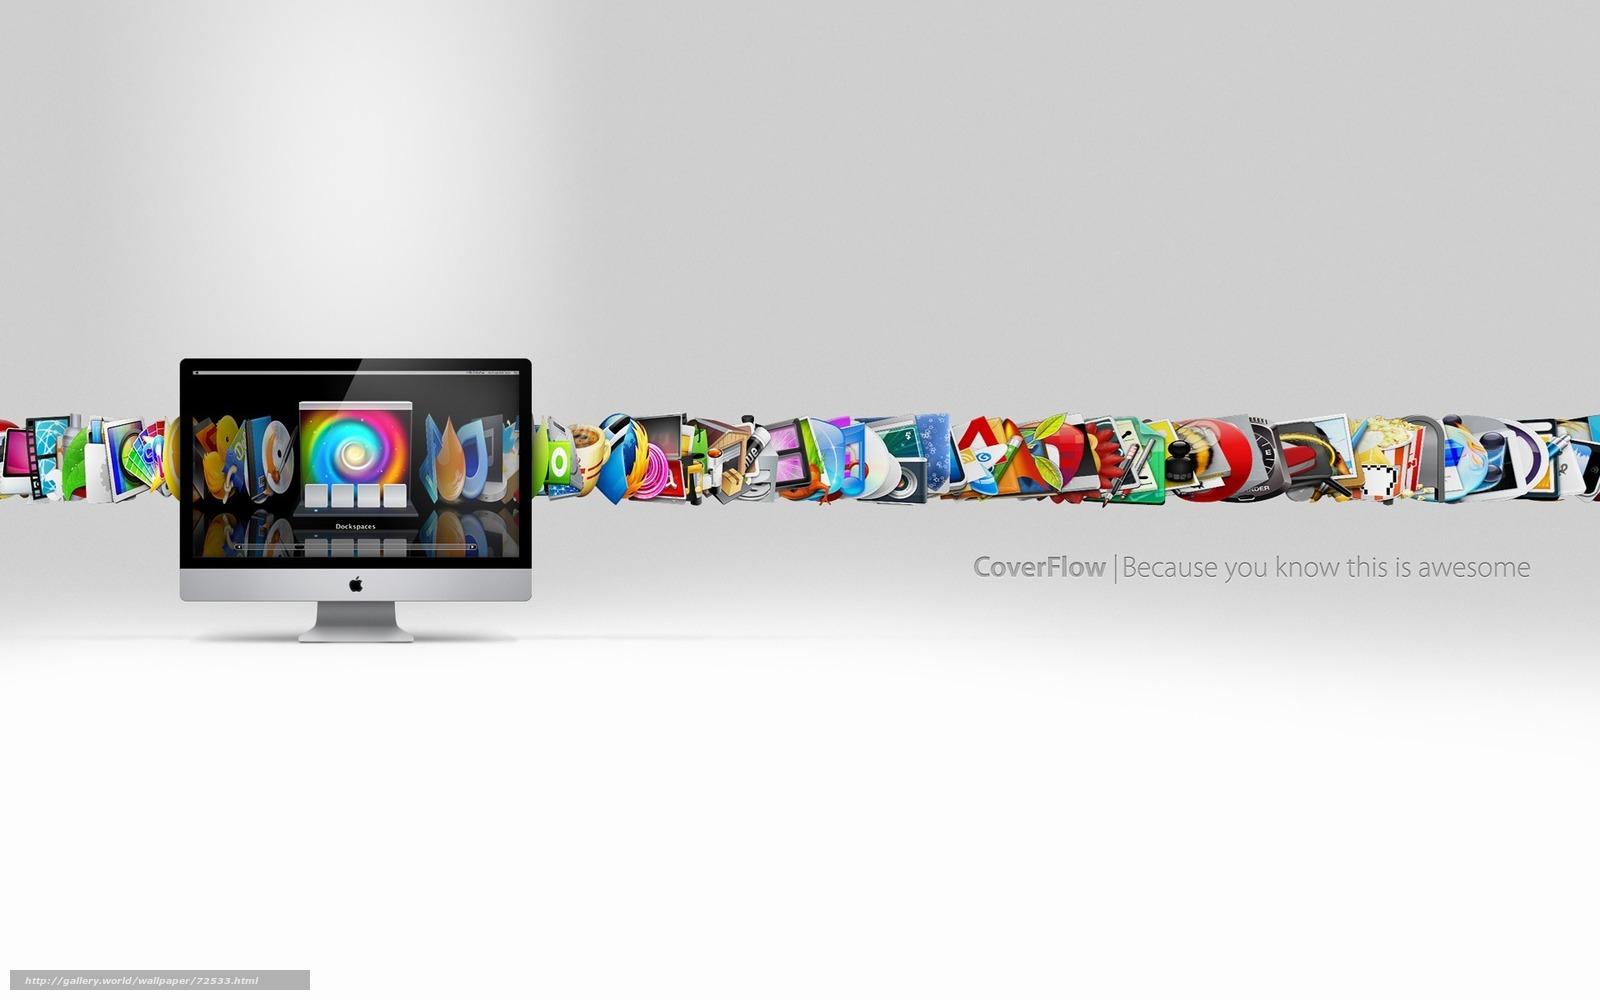 tlcharger fond d ecran papier peint style ferme ordinateur fonds d ecran gratuits pour votre